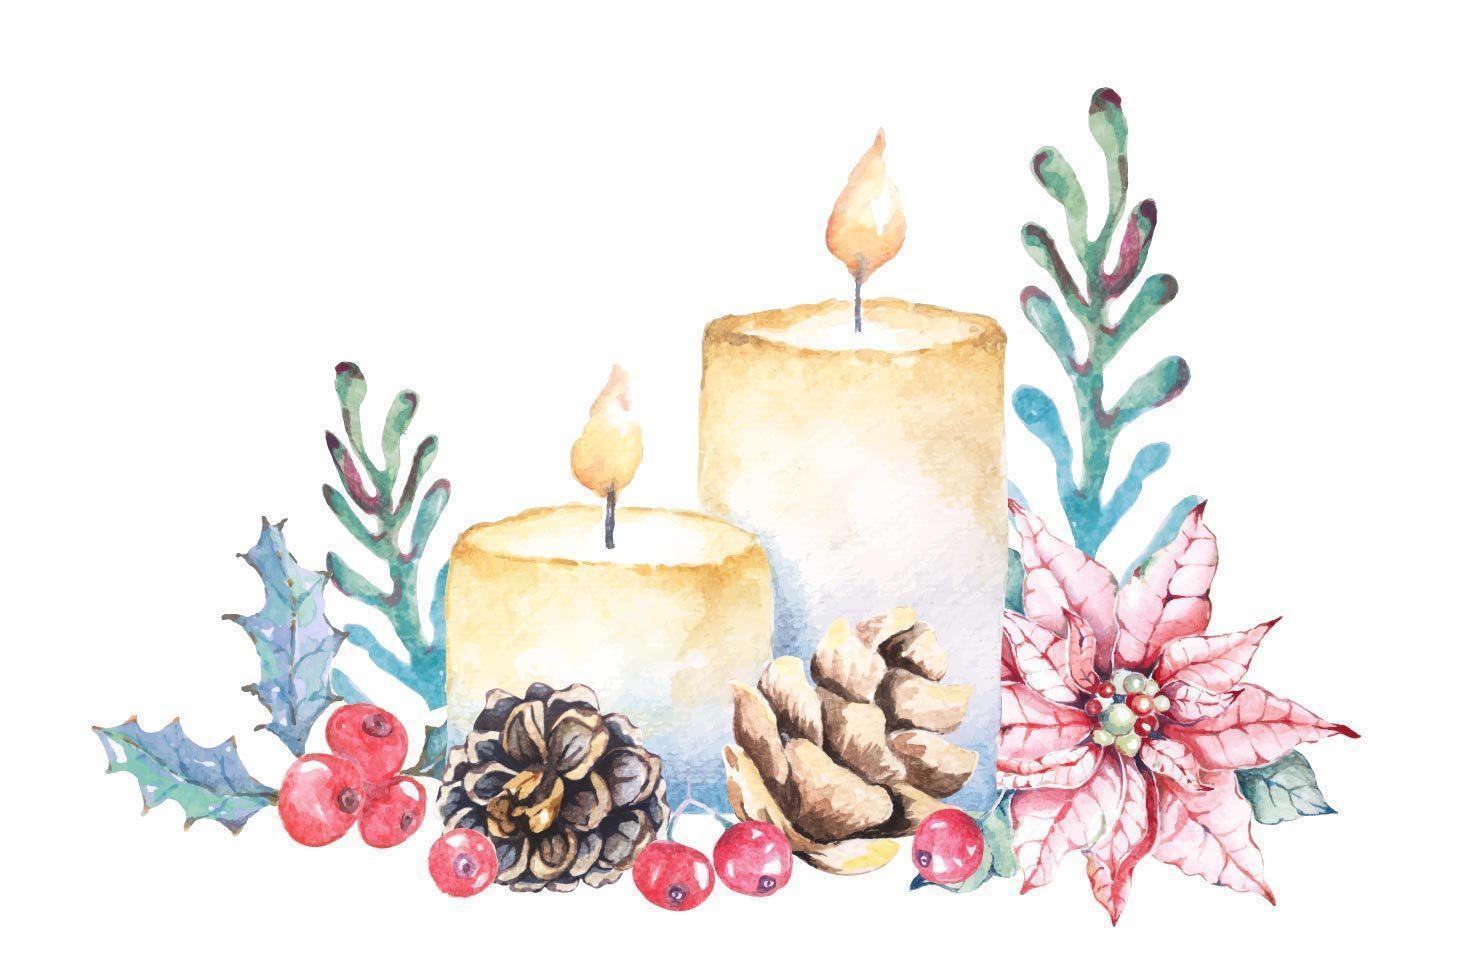 composizione di candele di natale dell'acquerello vettore